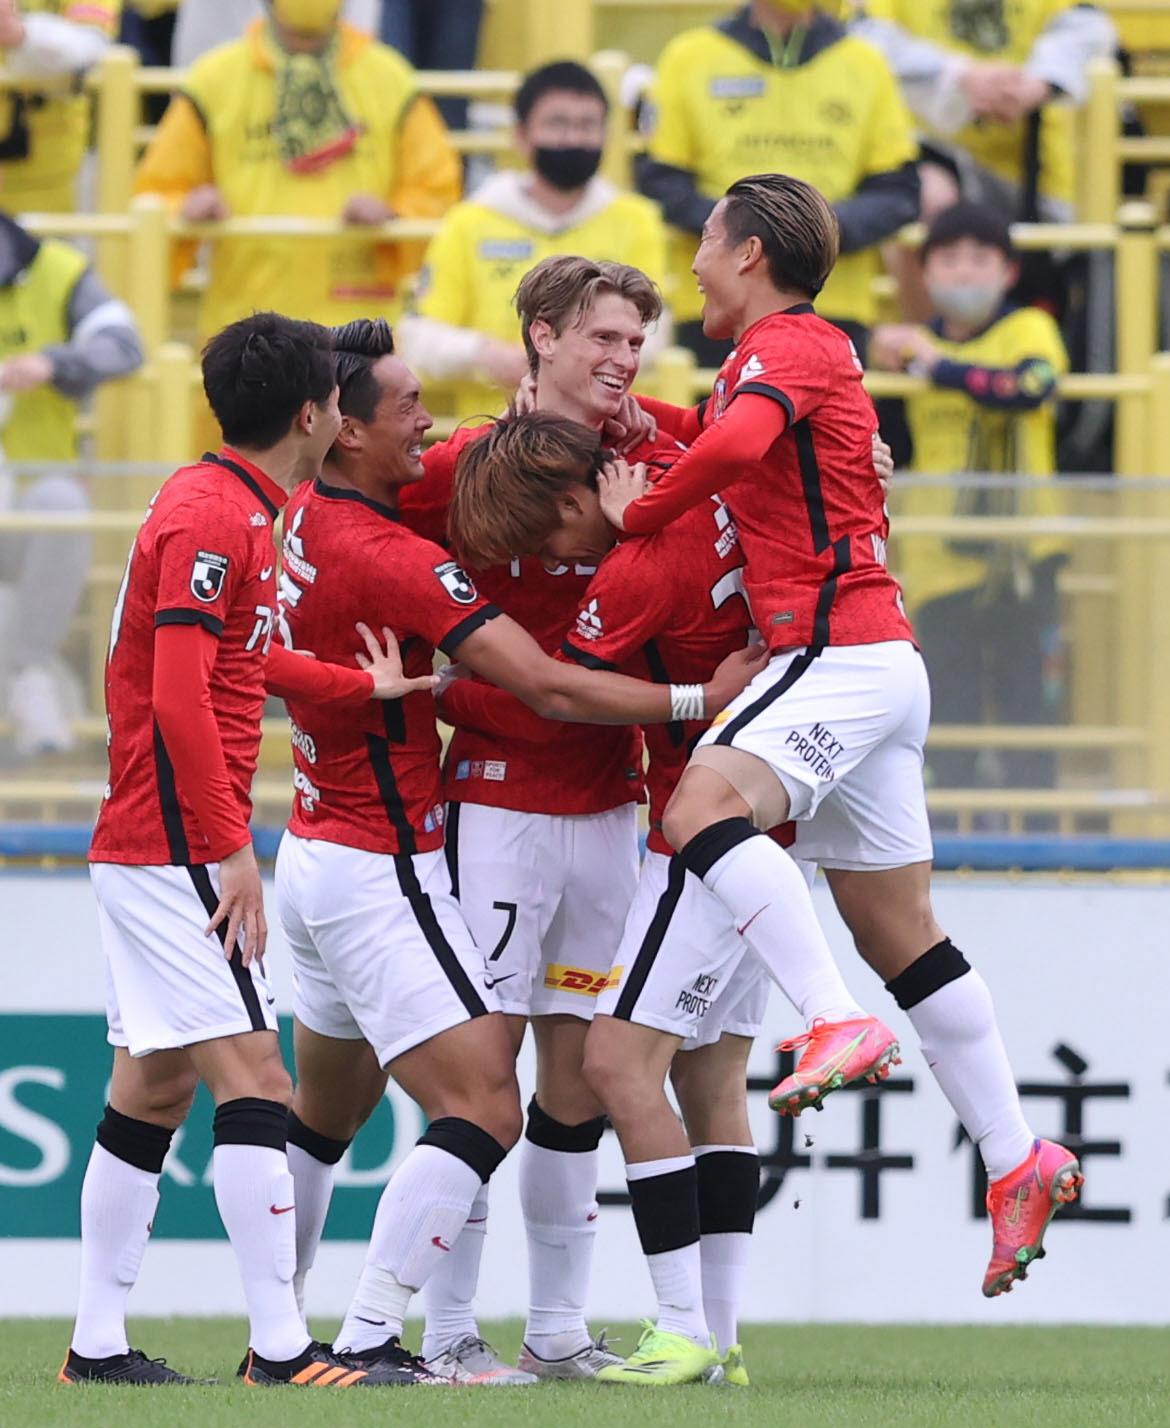 柏対浦和 前半、先制ゴールを決め、チームメートと喜び合う浦和ユンカー(中央)(撮影・狩俣裕三)